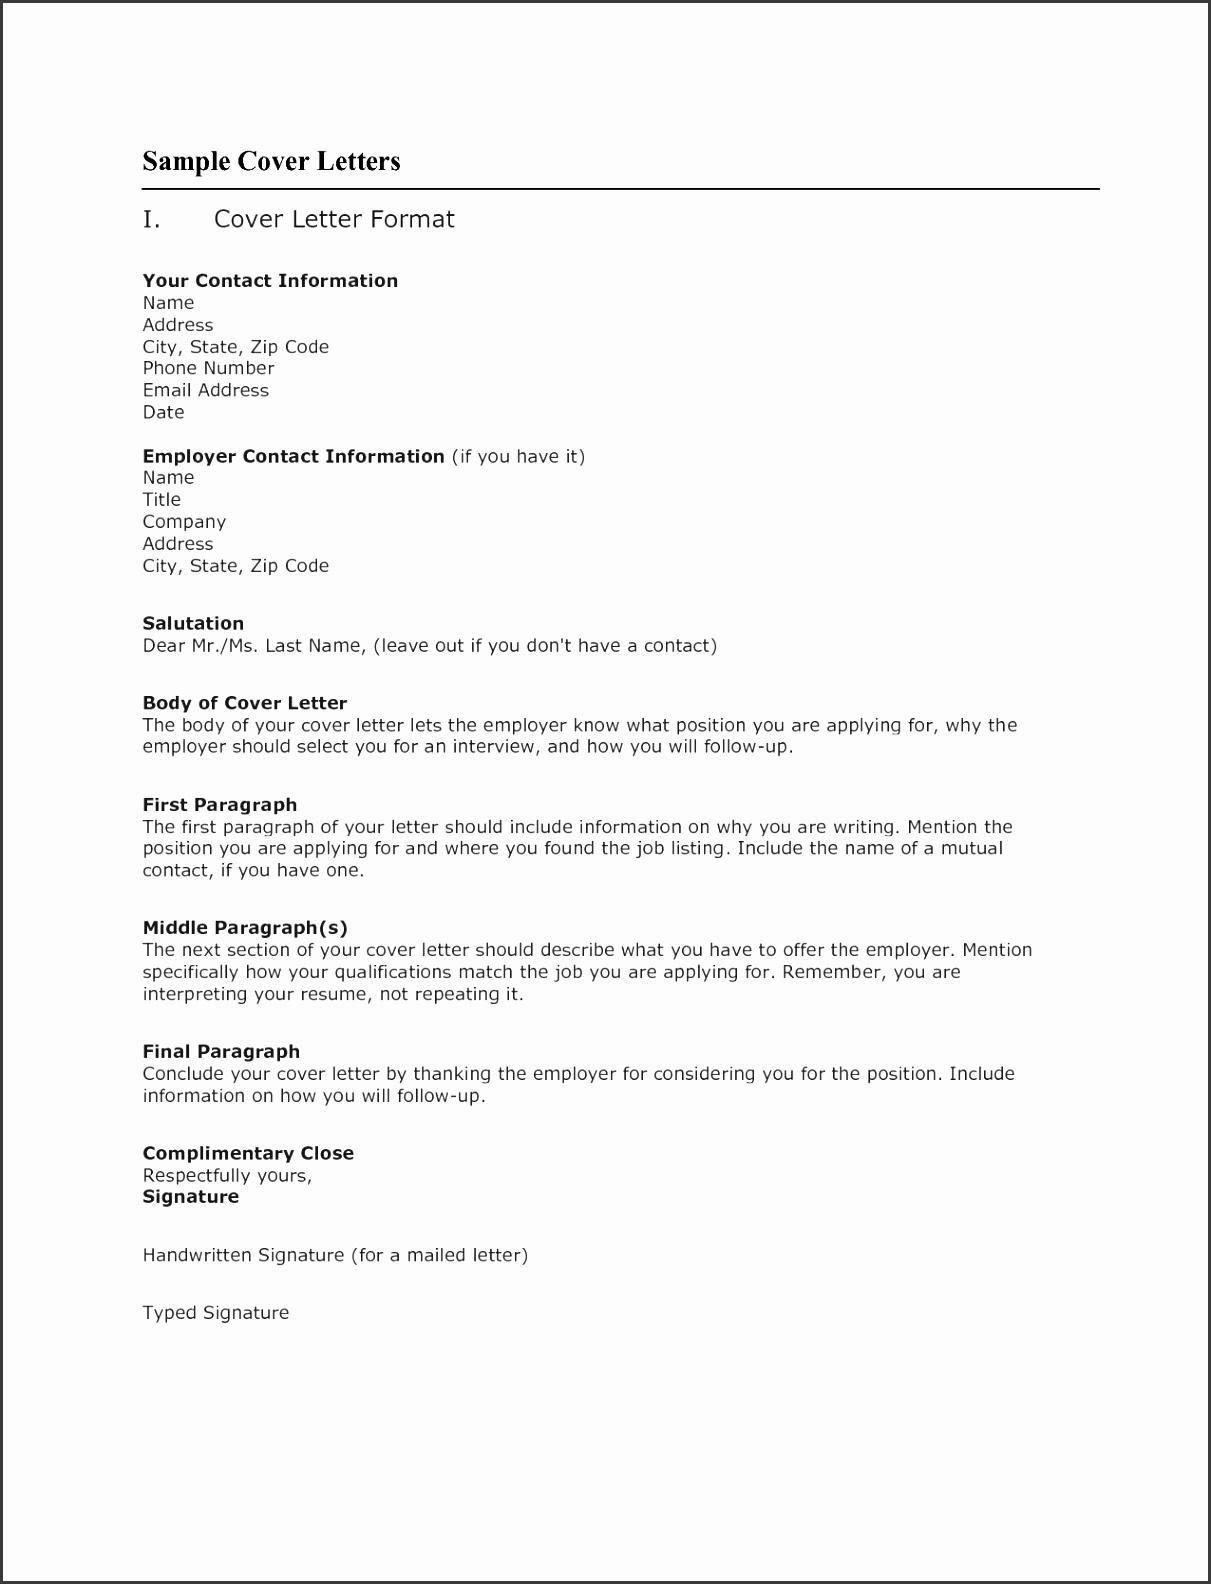 Application Cover Letter Template Resume Badak